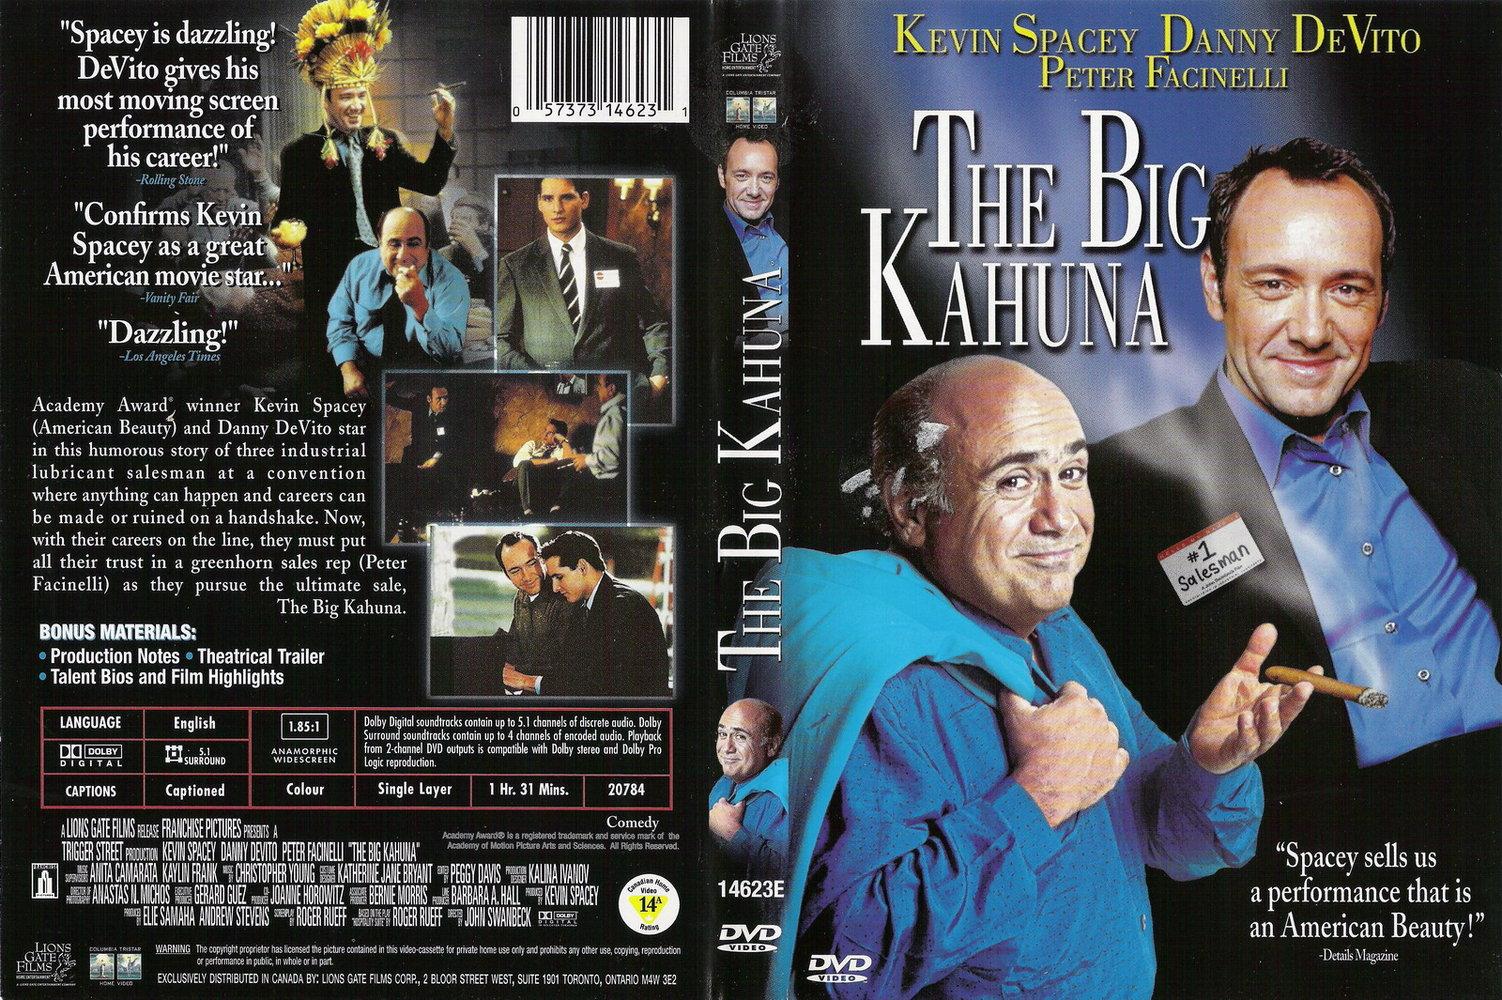 Big kahuna movie pics